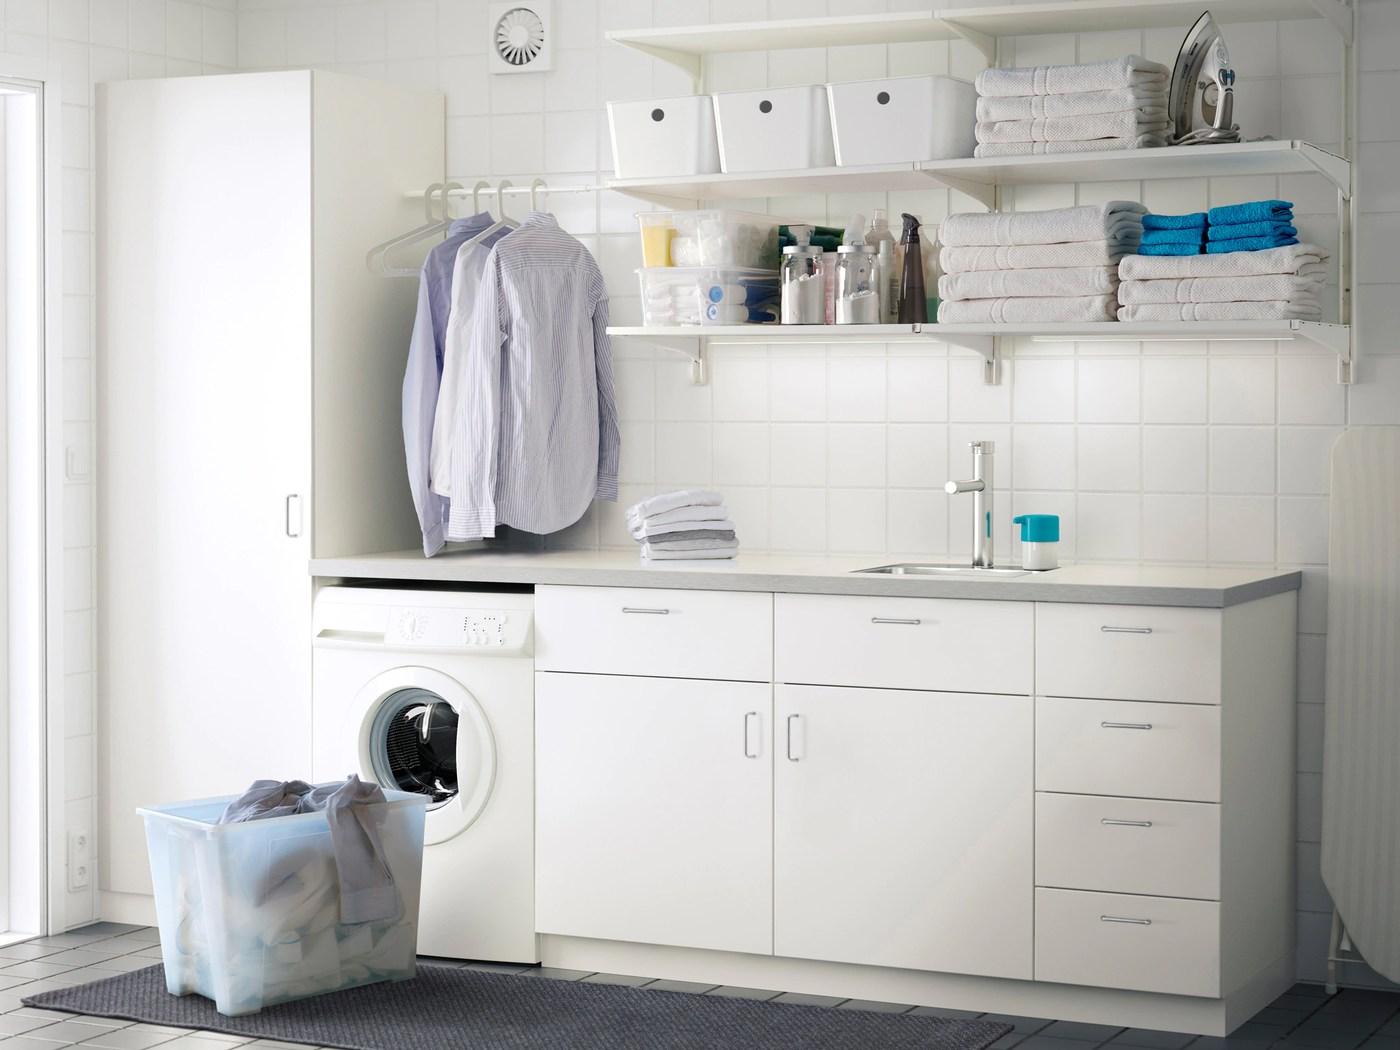 estateria para poner encima lavadora secadora ikea